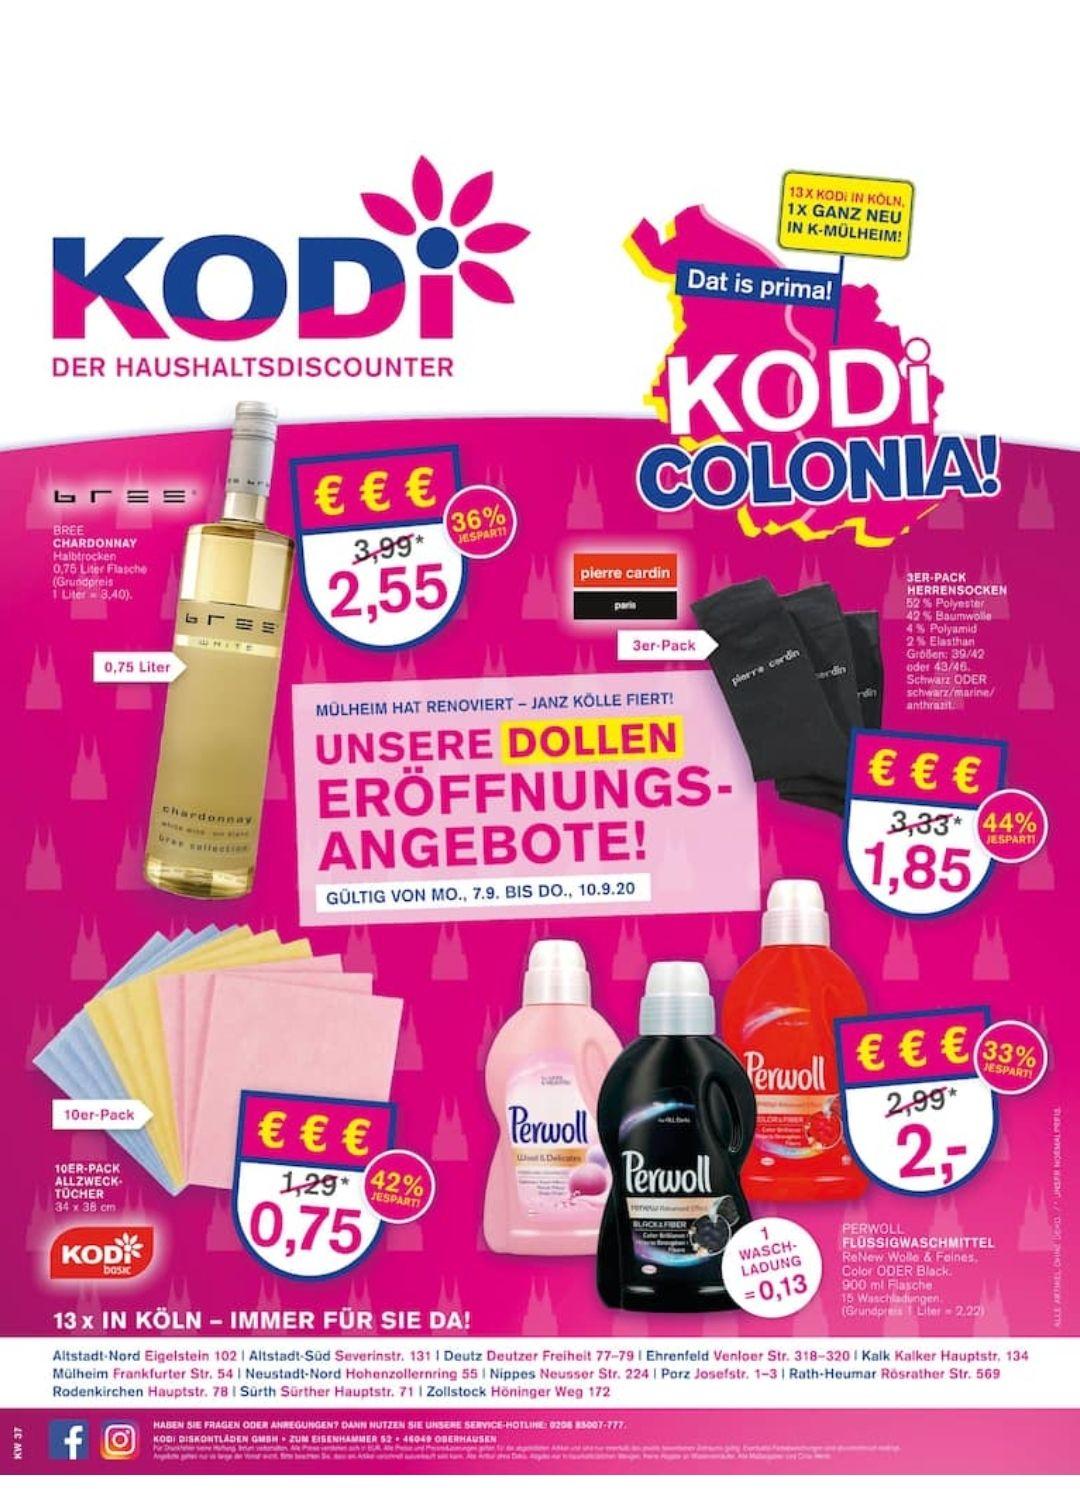 [Lokal Köln] KODi Colonia Angebot PERWOLL FLÜSSIGWASCHMITTEL 900 ML/15WL